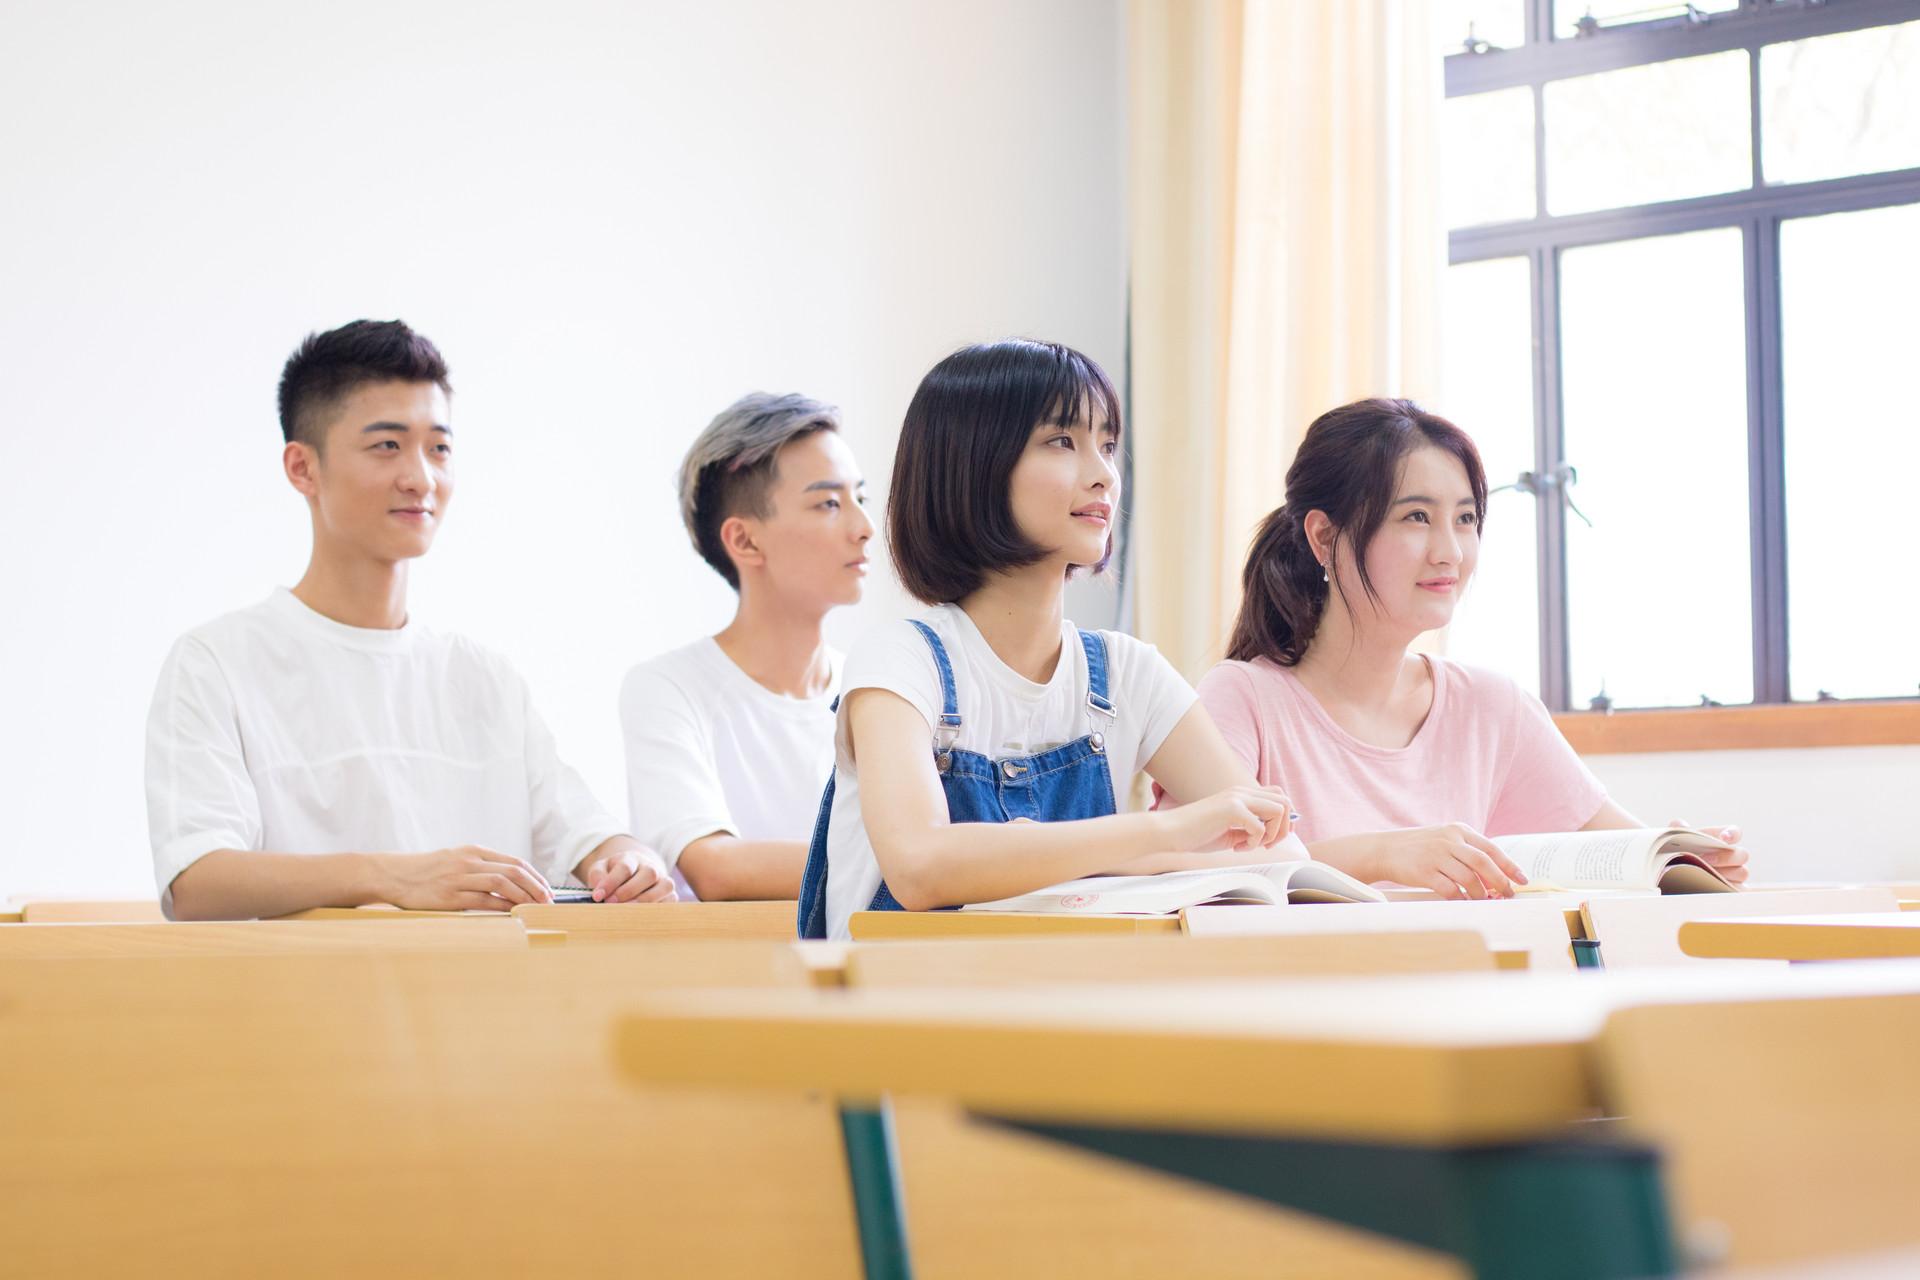 唐山大学英语四六级培训